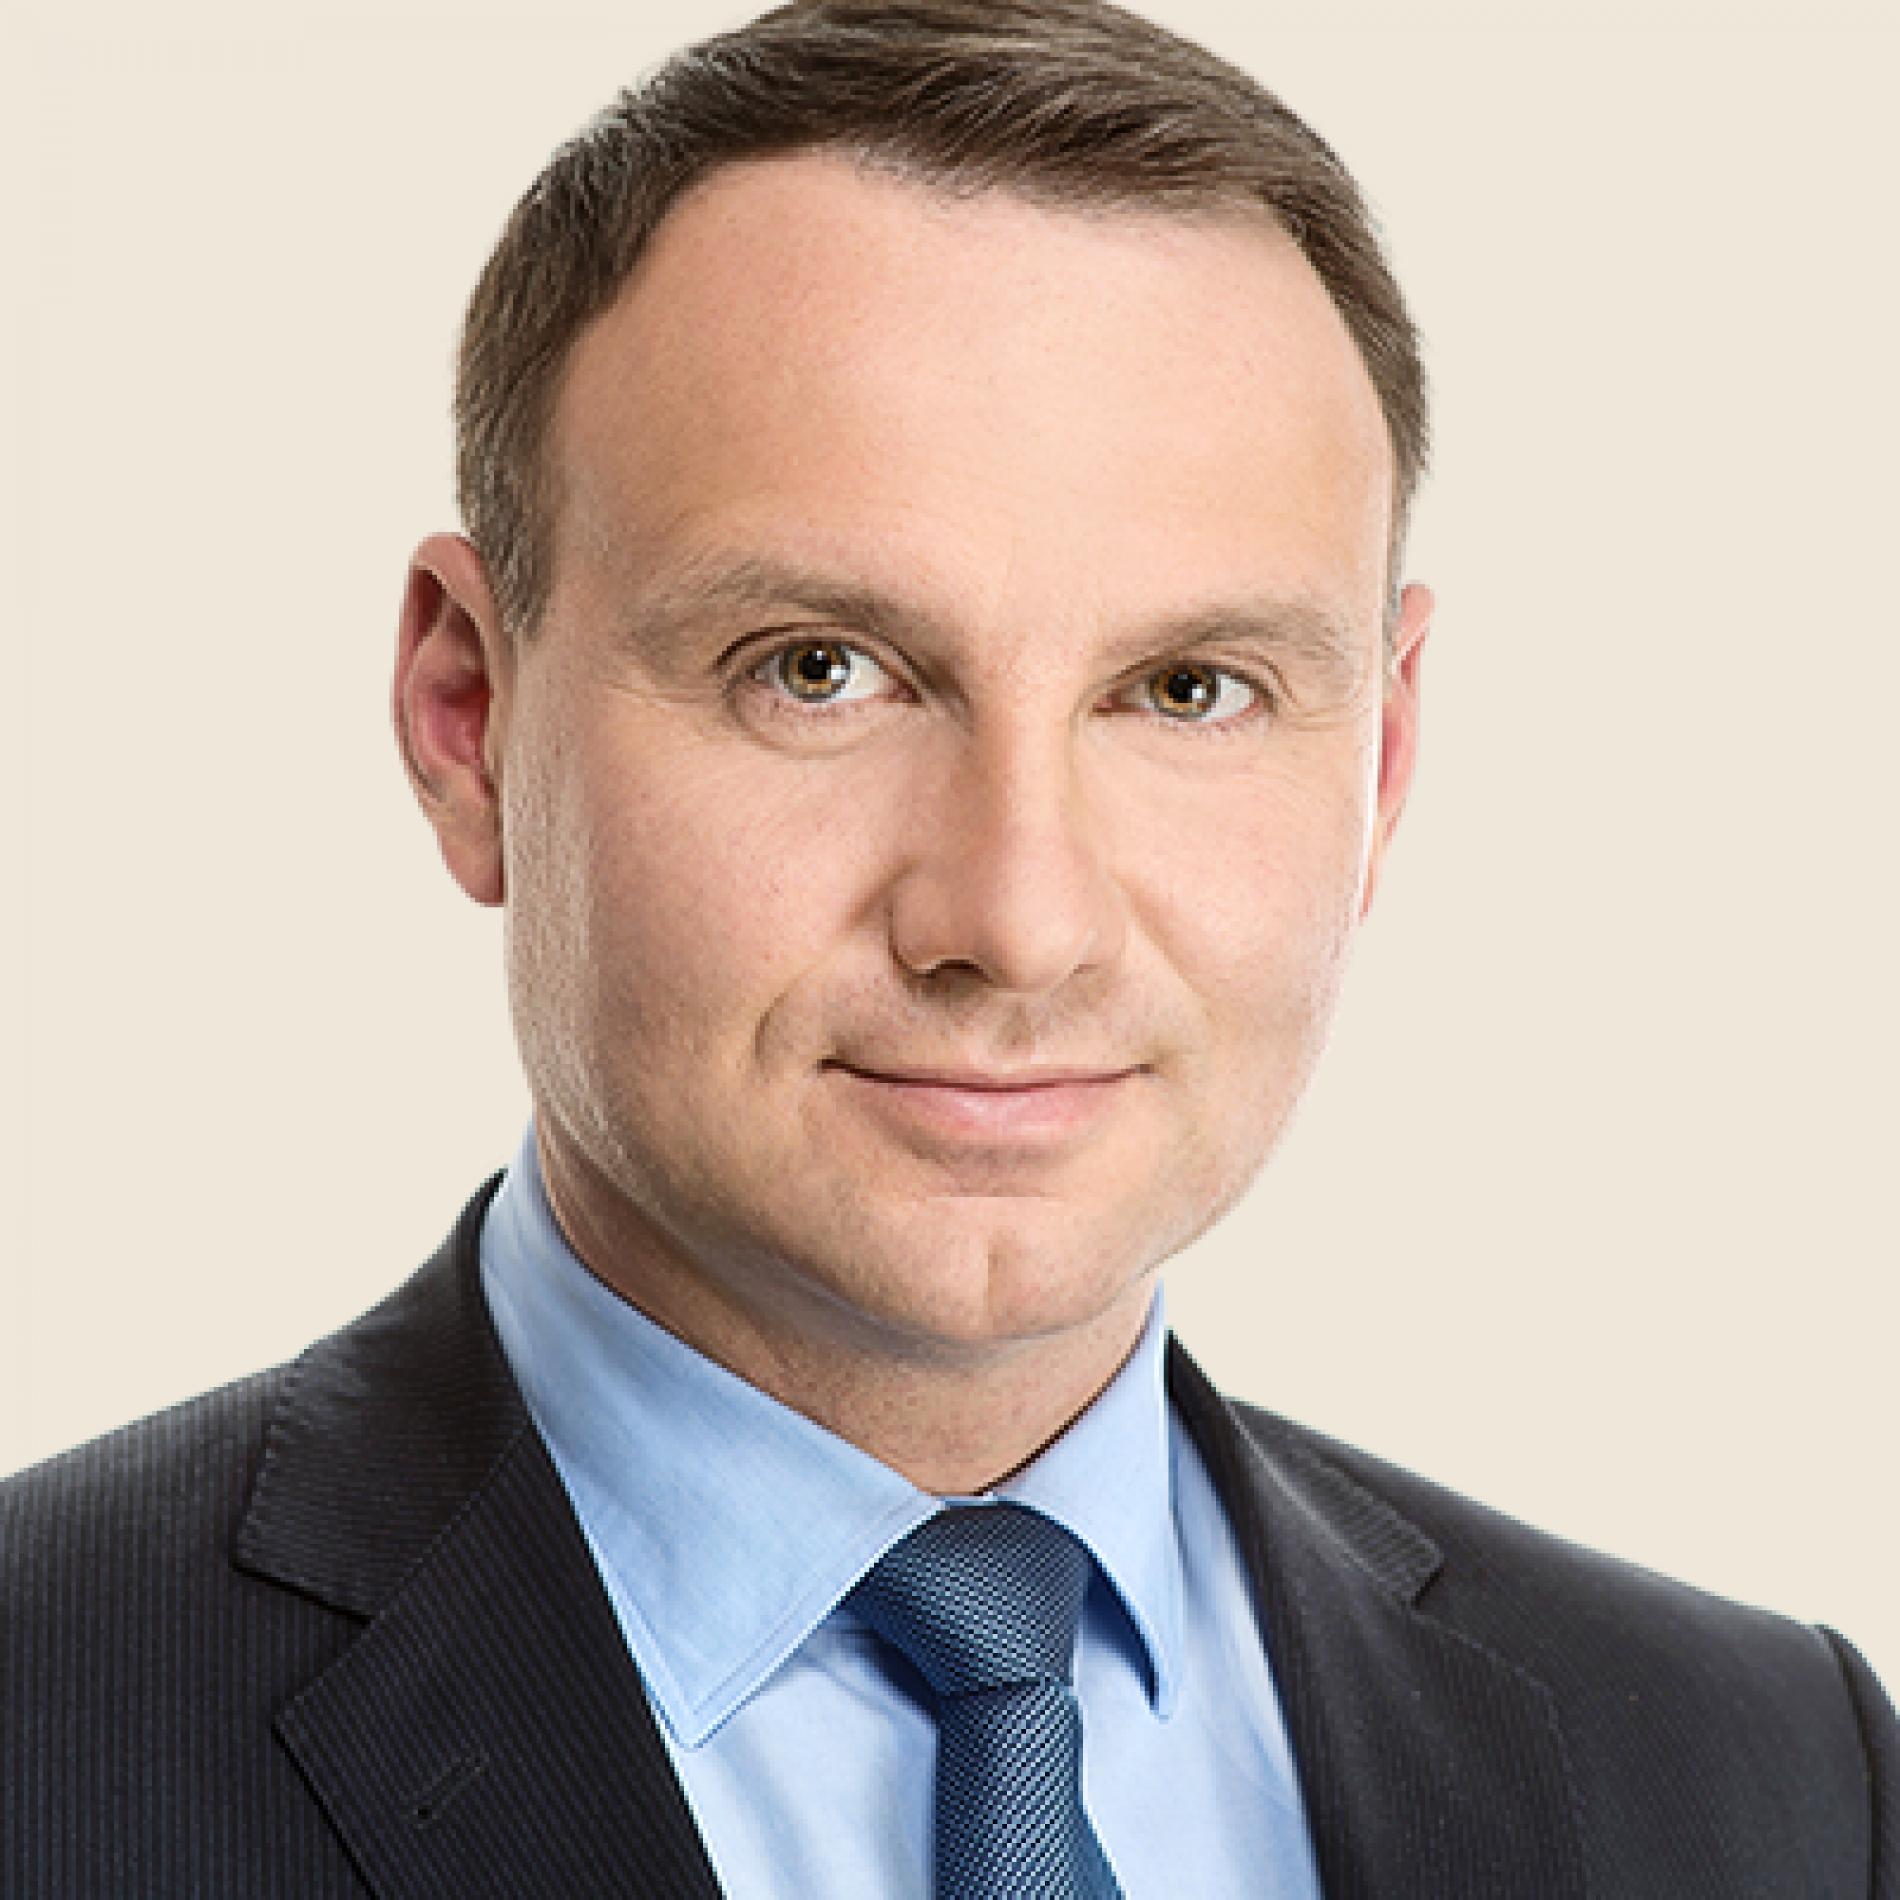 Prezydent Andrzej Duda zawetował ustawę o uzgodnieniu płci